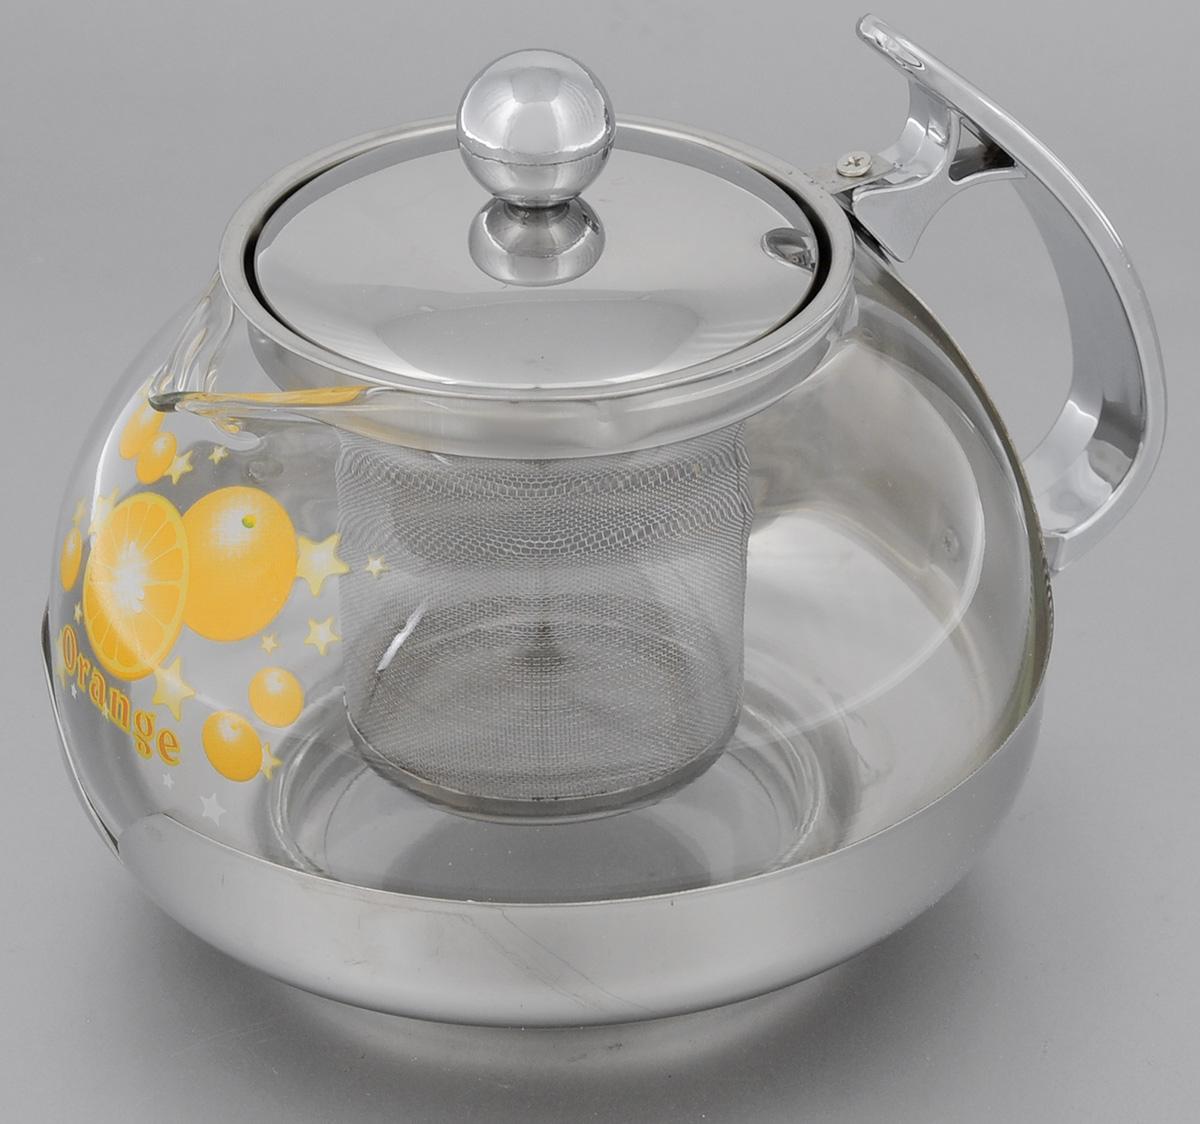 Чайник заварочный Mayer & Boch Orange, с фильтром, 700 мл2023Заварочный чайник Mayer & Boch Orange, выполненный из жаропрочного стекла и нержавеющей стали, практичный и простой в использовании. Он займет достойное место на вашей кухне и позволит вам заварить свежий, ароматный чай. Чайник оснащен сетчатым фильтром, который задерживает чаинки и предотвращает их попадание в чашку, а прозрачные стенки дадут возможность наблюдать за насыщением напитка. Заварочный чайник Mayer & Boch Orange послужит хорошим подарком для друзей и близких. Диаметр чайника (по верхнему краю): 7,5 см. Высота чайника (без учета крышки): 9,5 см. Высота фильтра: 6,5 см. Объем: 700 мл.